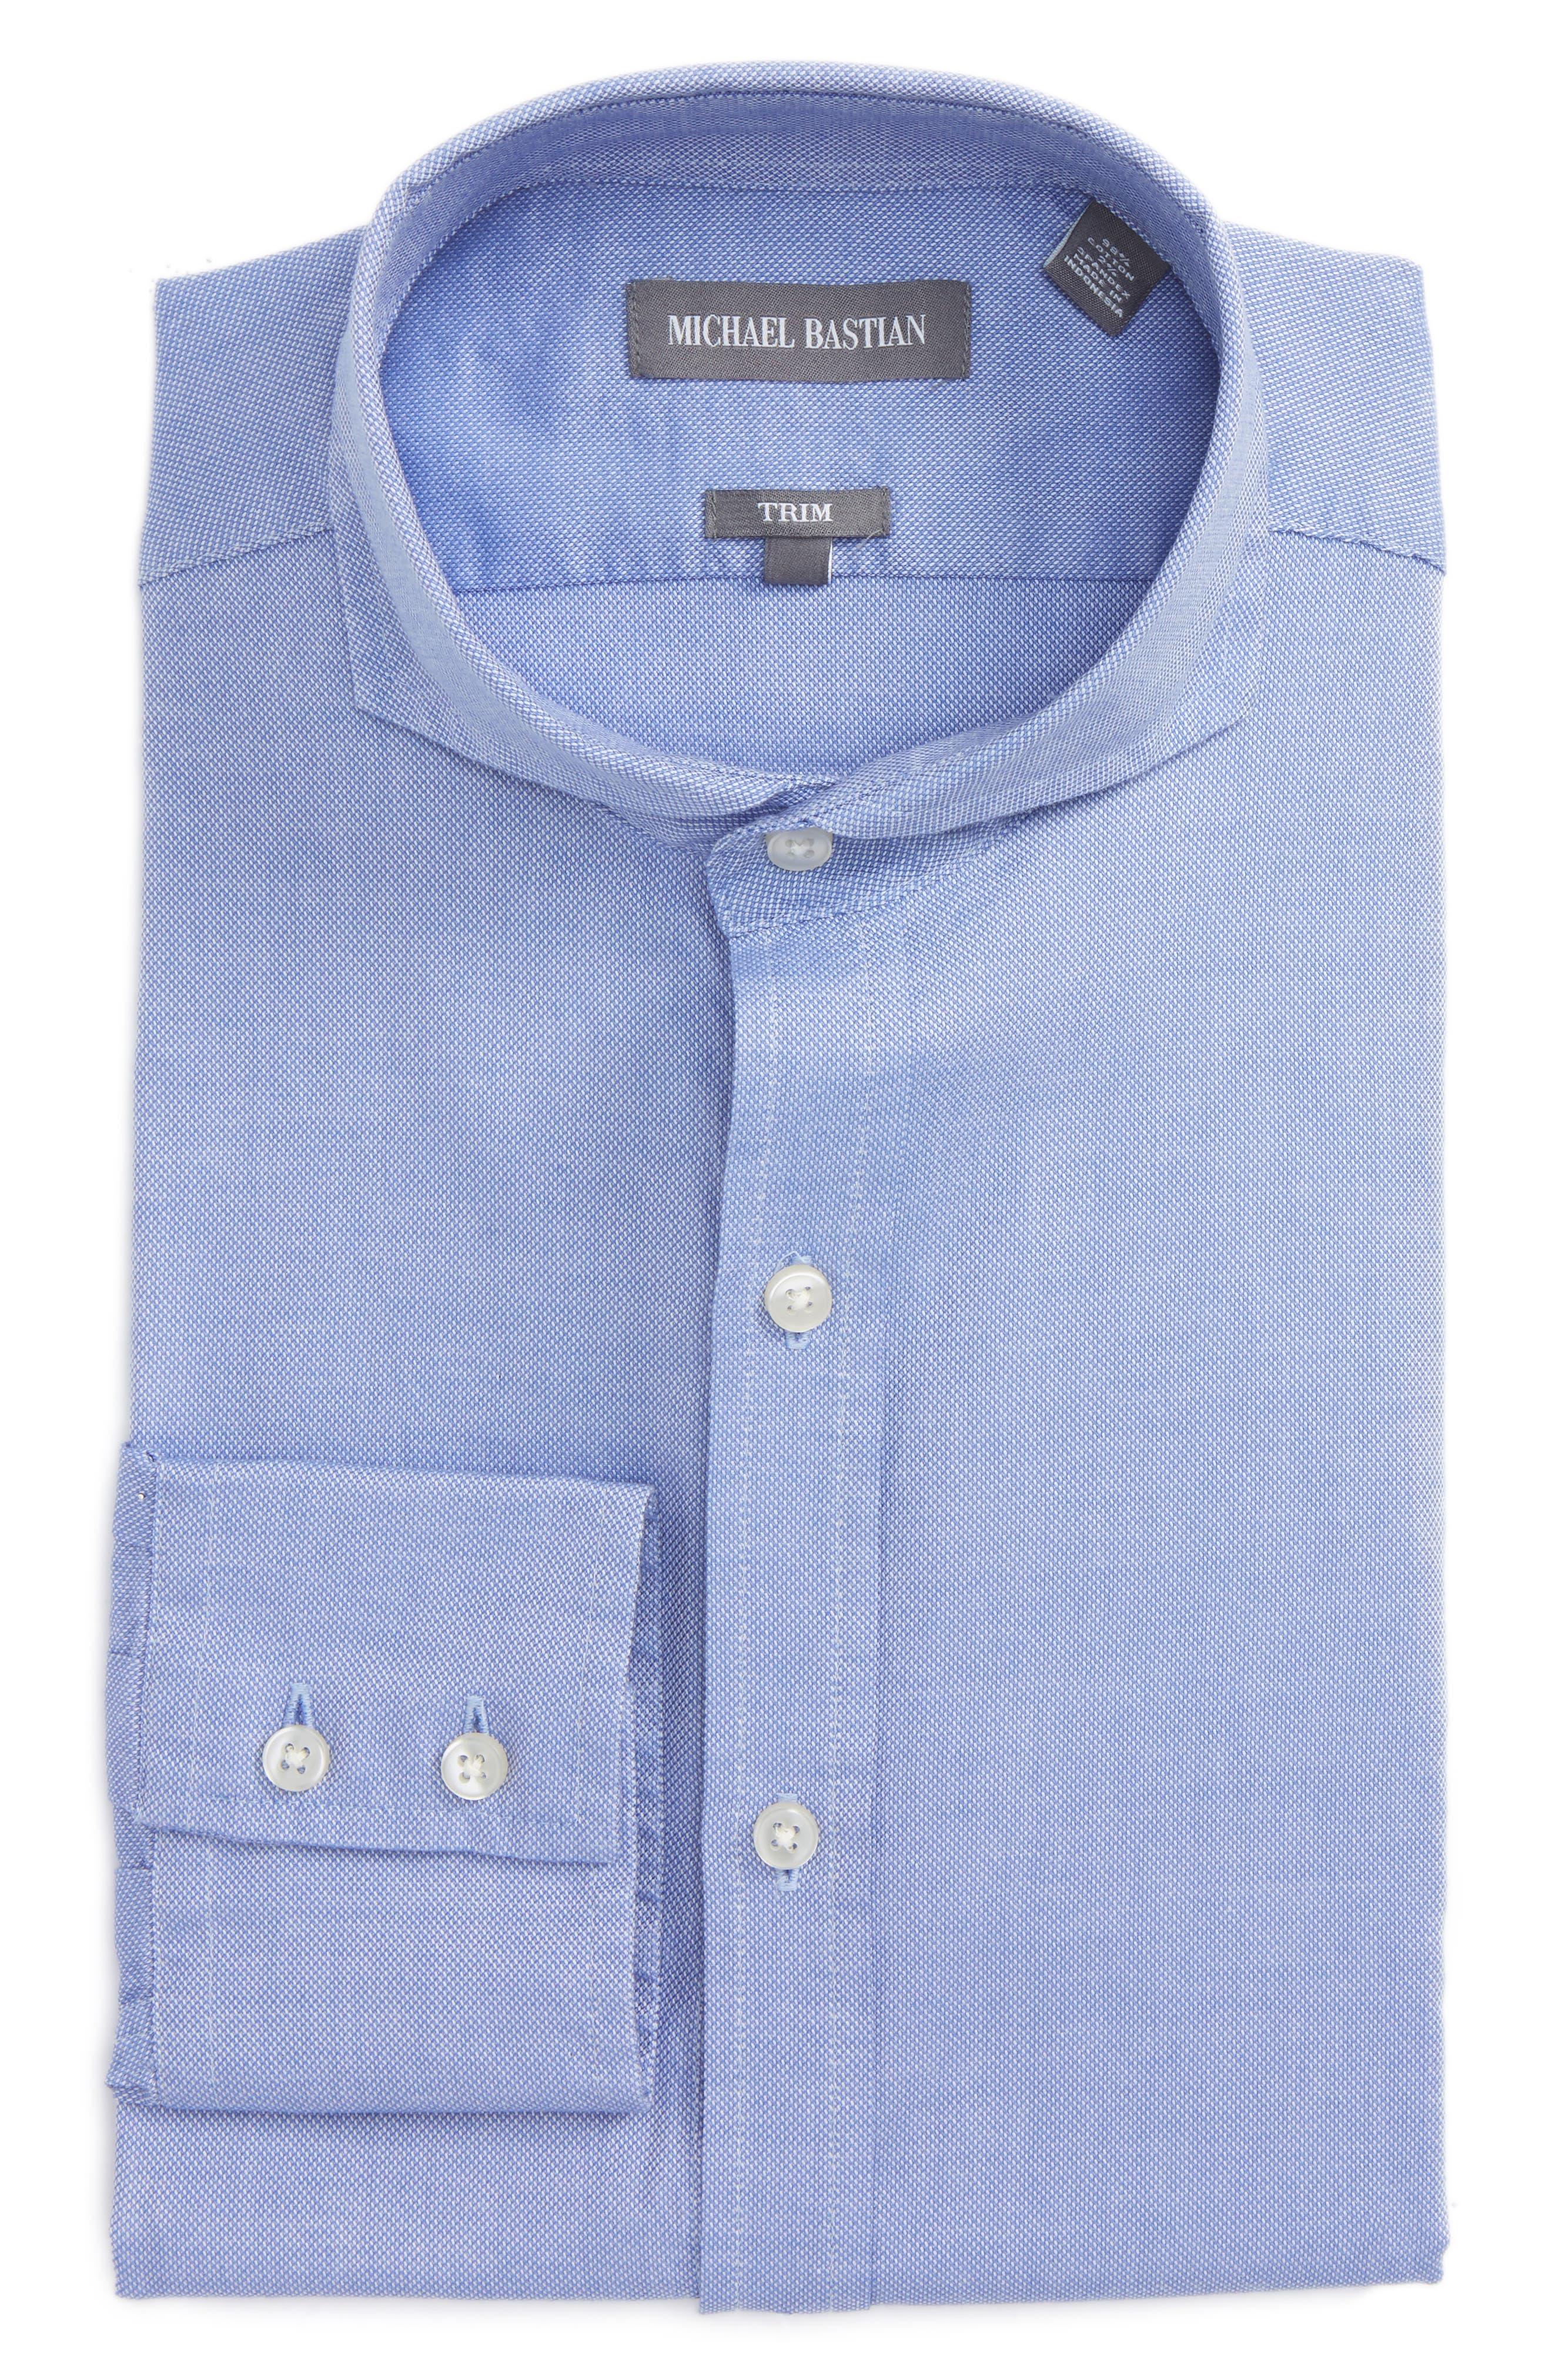 Trim Fit Oxford Dress Shirt,                         Main,                         color, Blue